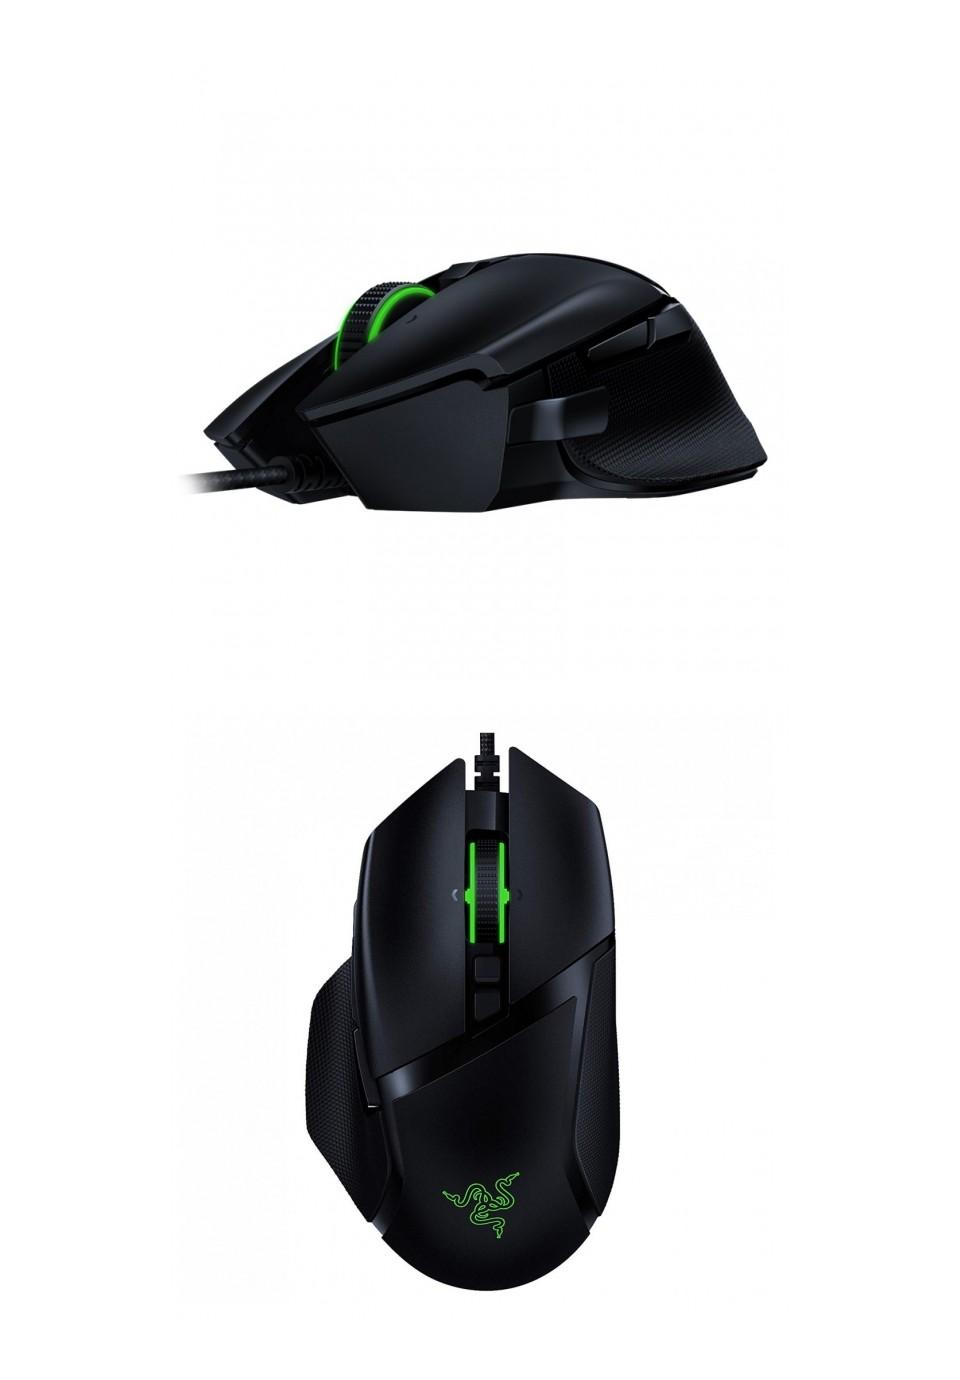 Razer Basilisk V2 Optical Gaming Mouse product